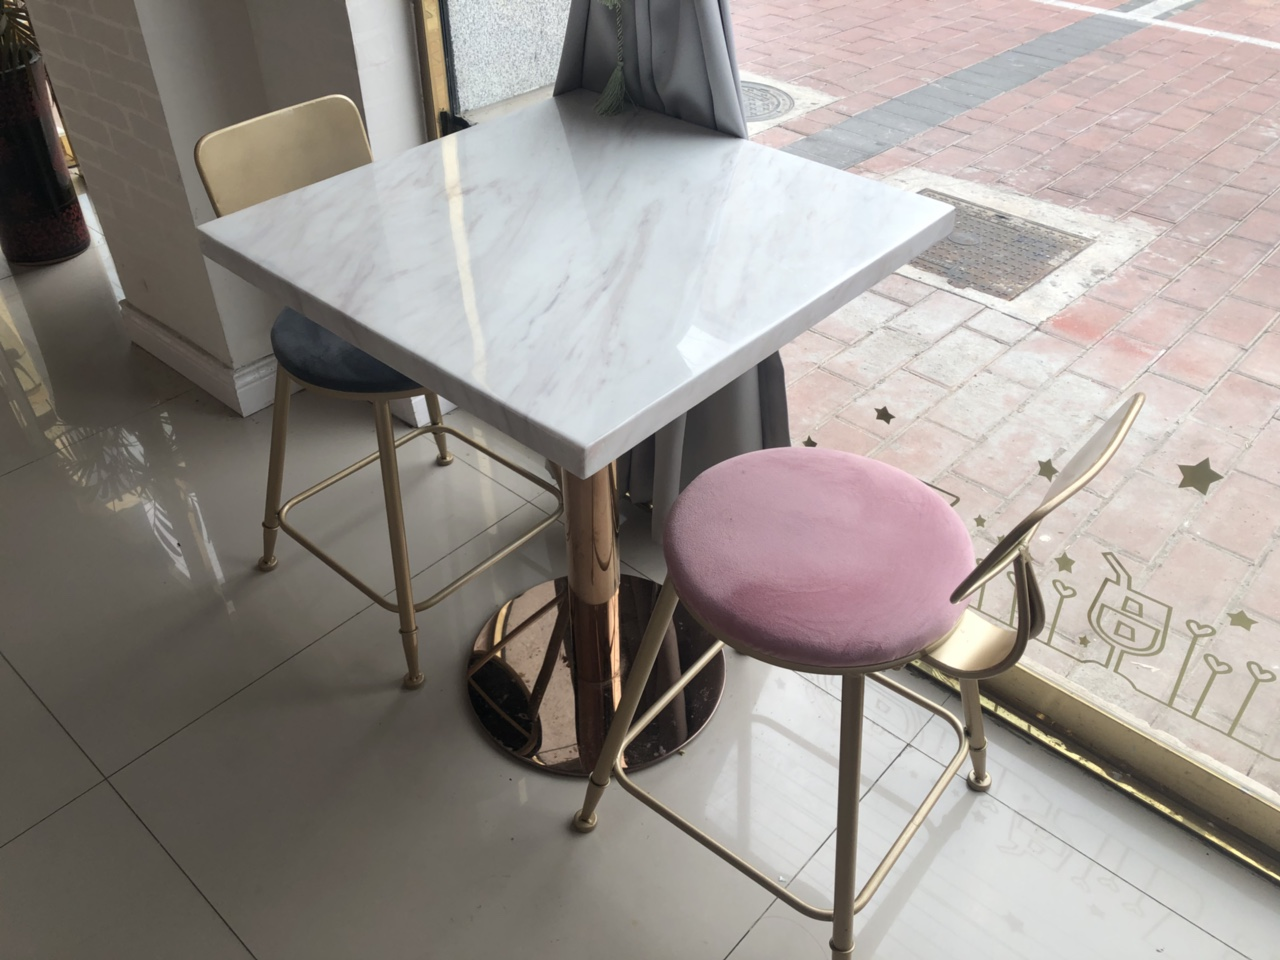 桌椅便宜转让了,一桌两椅两套480元,高脚凳4张200